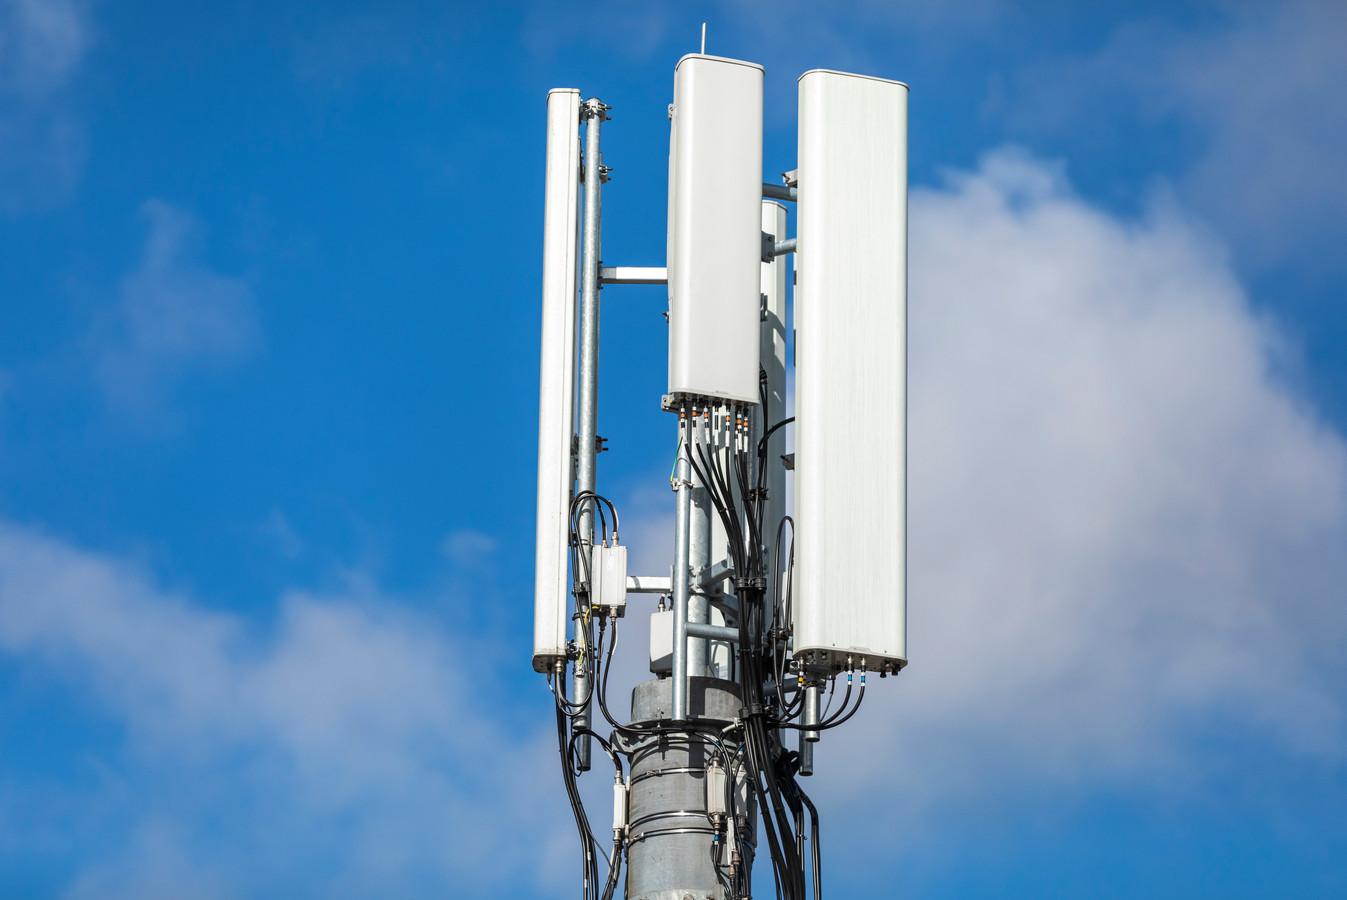 De straling van 5G-netwerken is mogelijk schadelijk voor de gezondheid